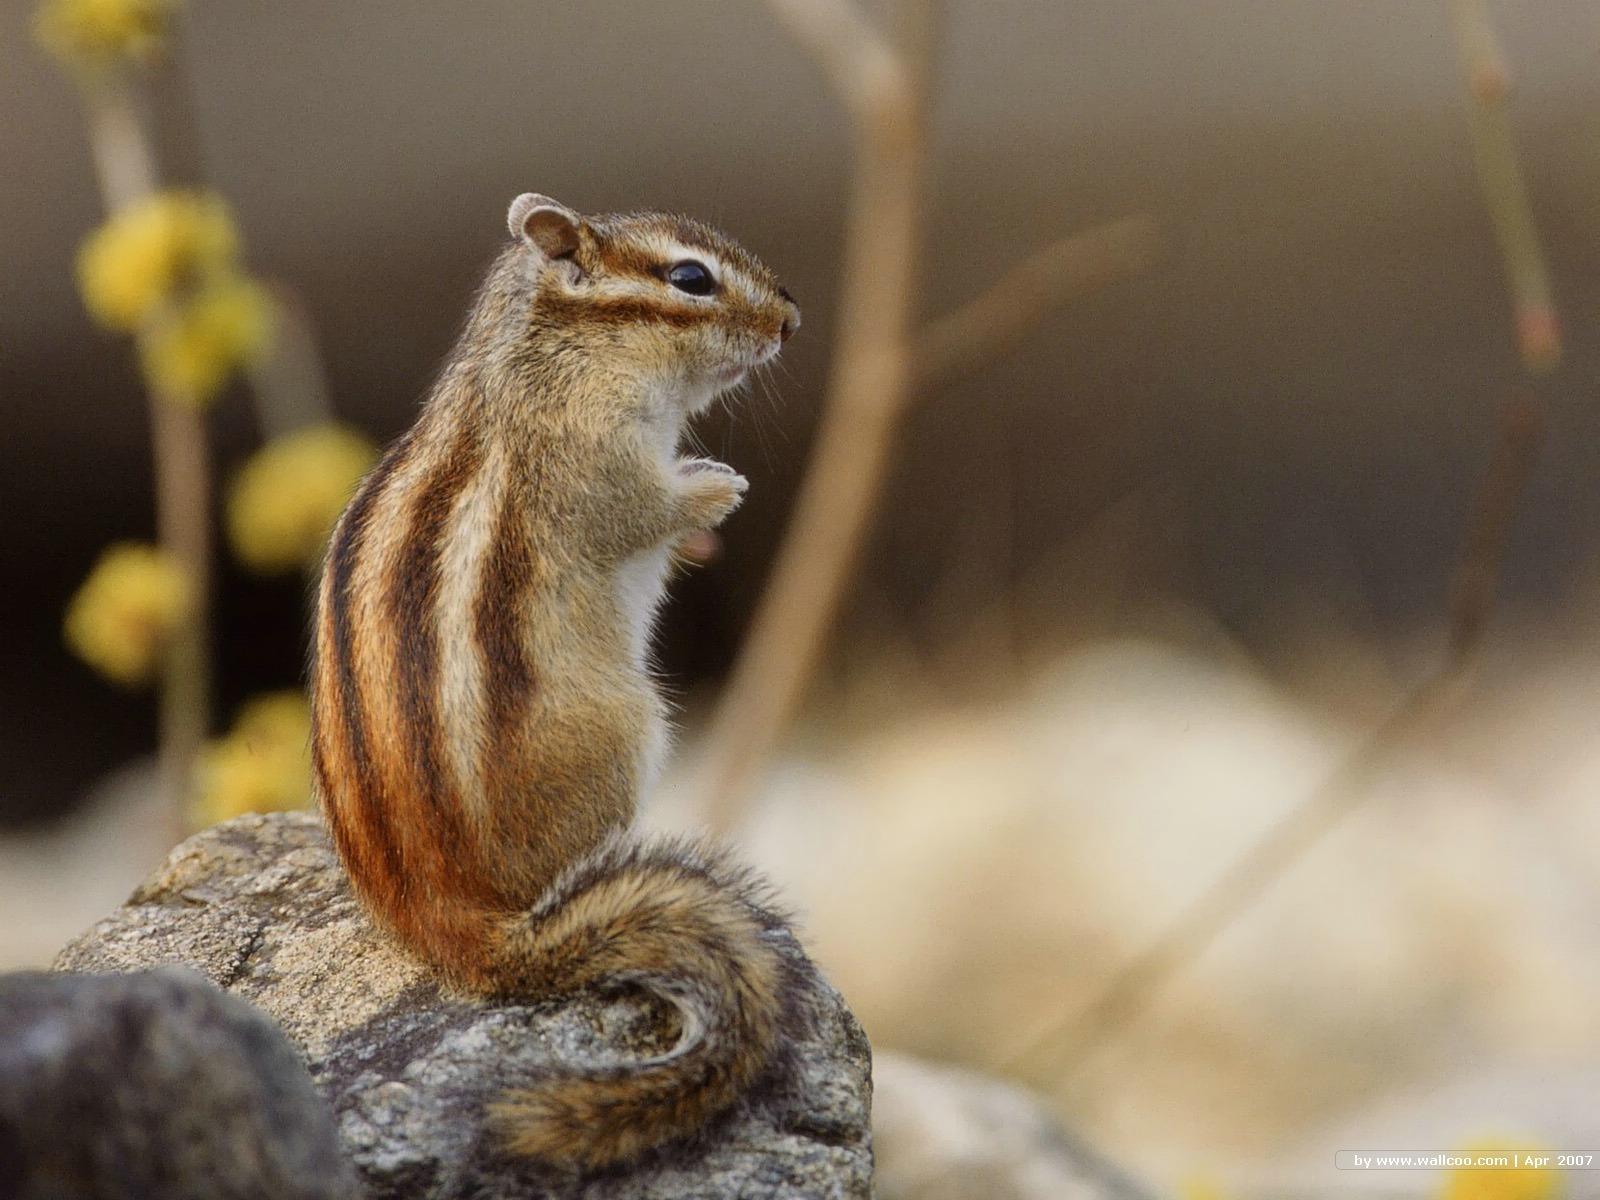 可爱的松鼠图片素材(21p)[中国photoshop资源网|ps